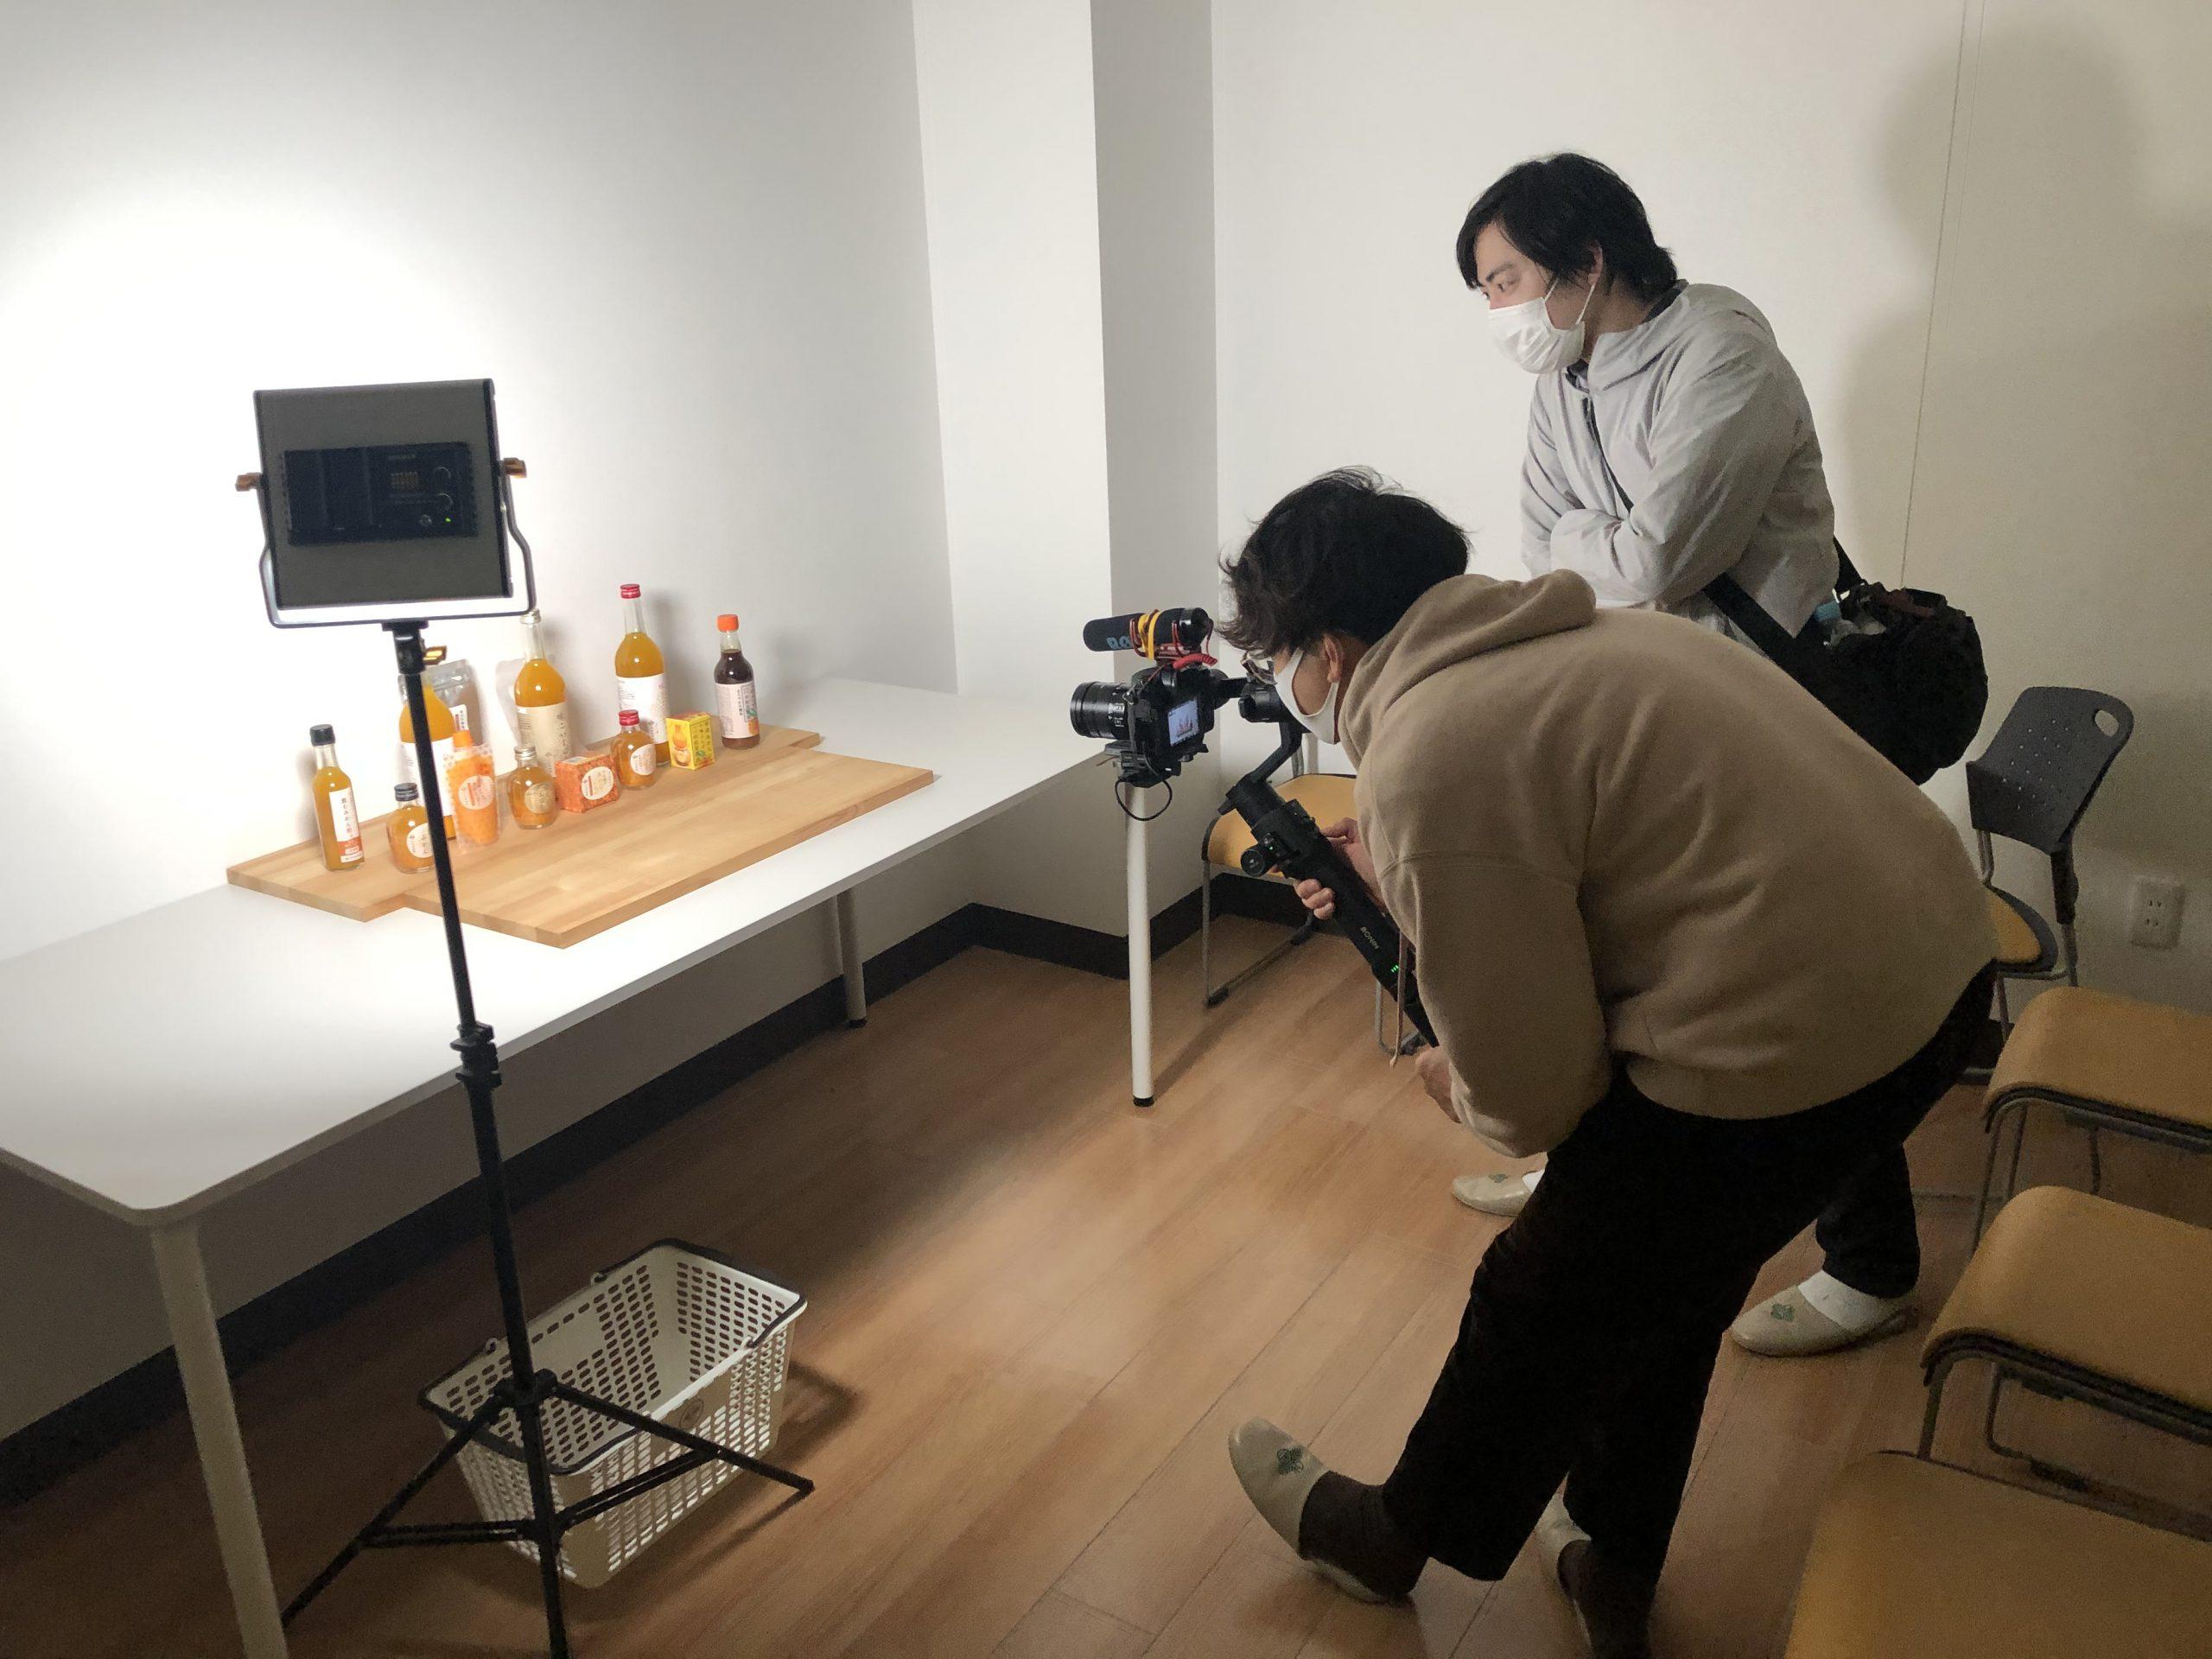 ディレクターの清水さんと、フォトグラファーの山本さんが、ジュースなどの加工品を並べて動画撮影を行っている風景。